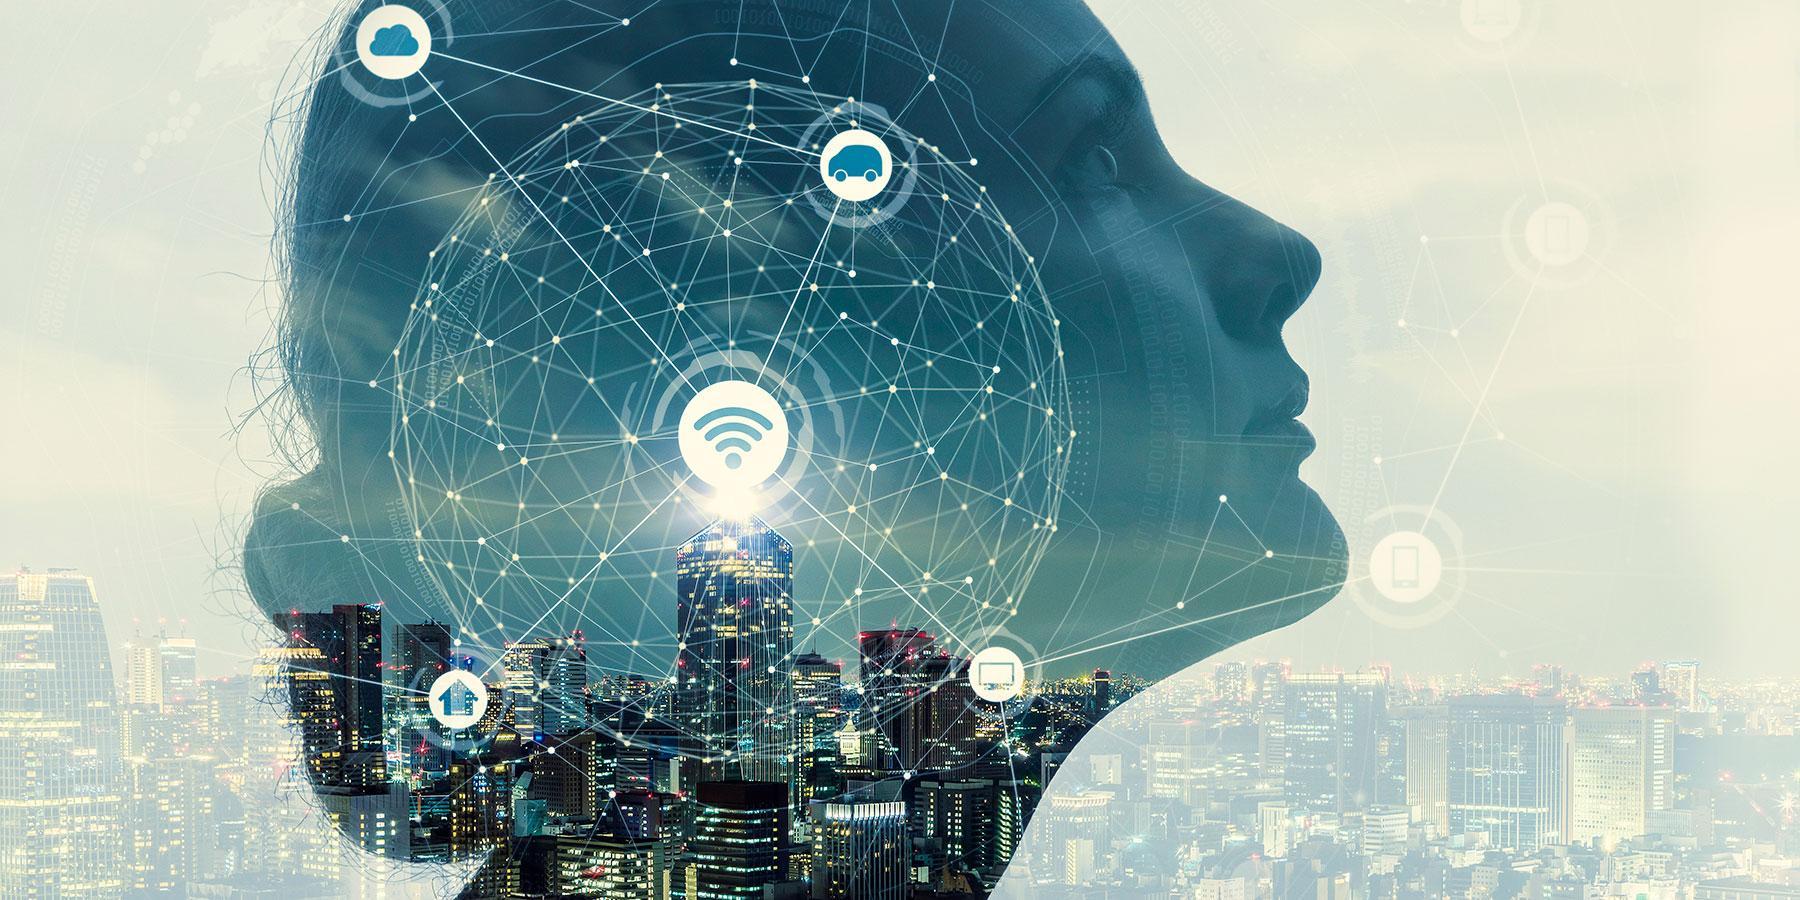 inteligencia-artificial-red-digital-humano-conexiones-internet-nube-bbva